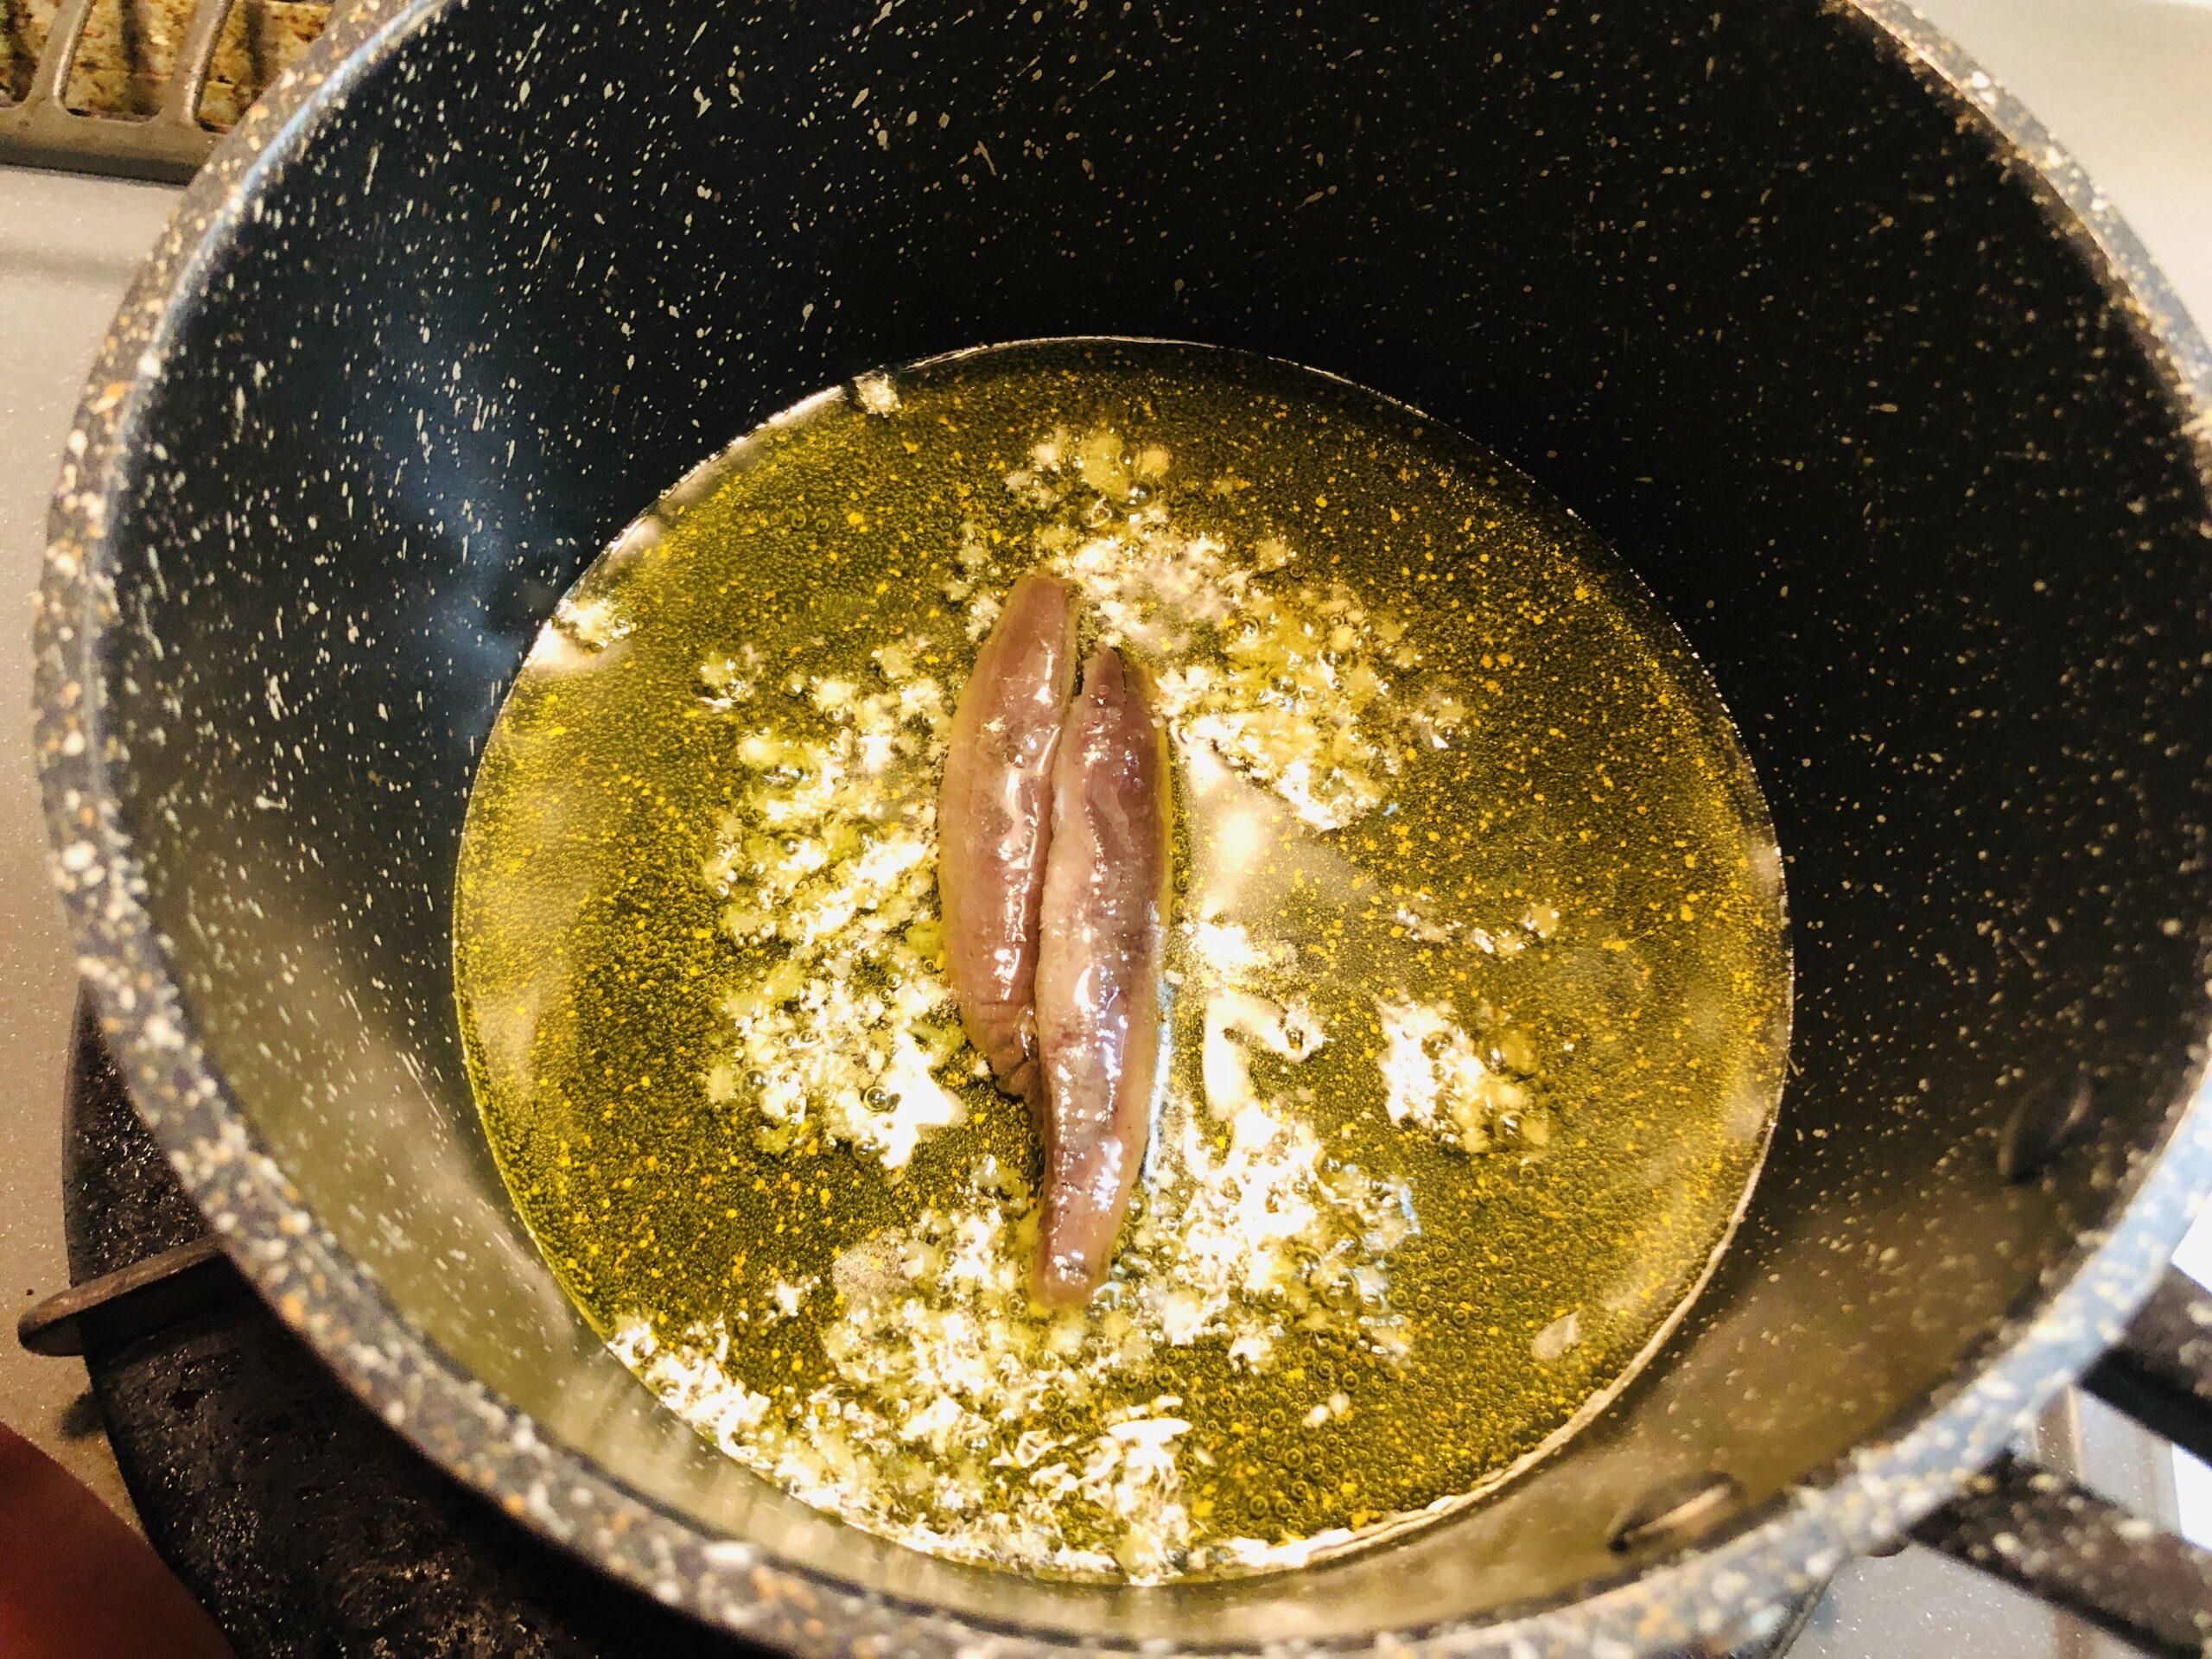 小鍋にオリーブオイルとみじん切りのにんにくを入れ、弱火で加熱し、香りが出てきたのでアンチョビを入れた状態の画像です。